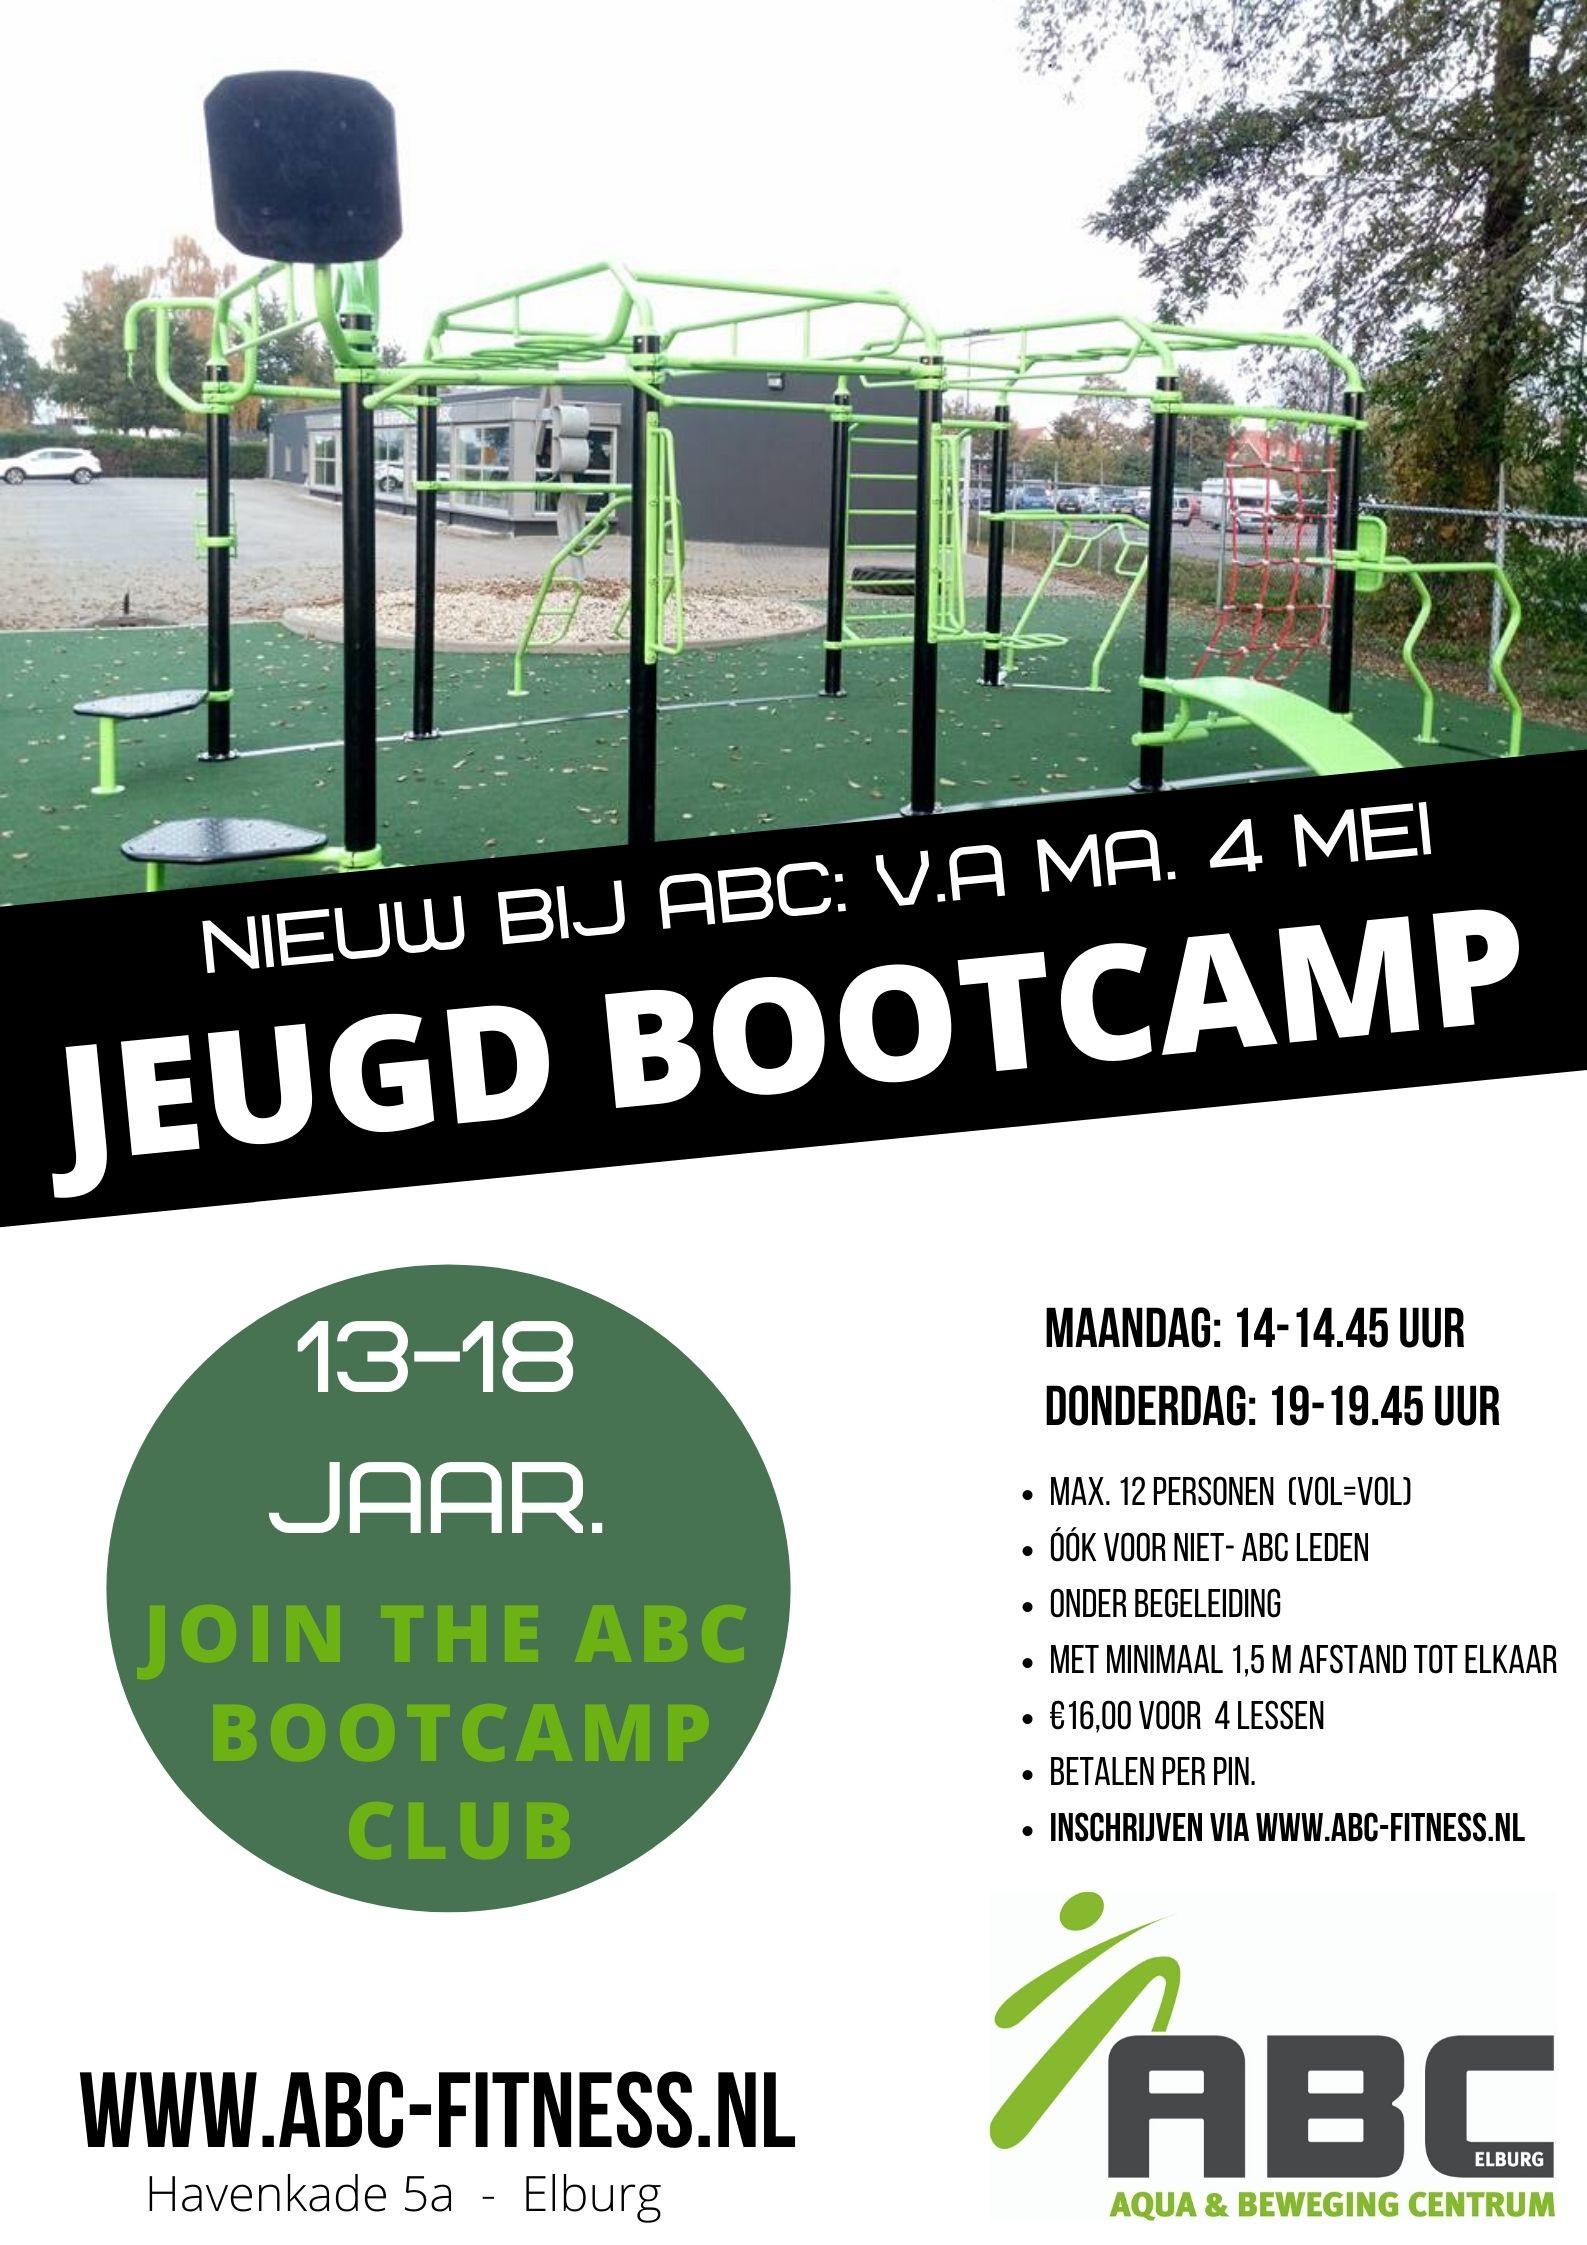 Start nu met jeugd bootcamp bij ABC fitness